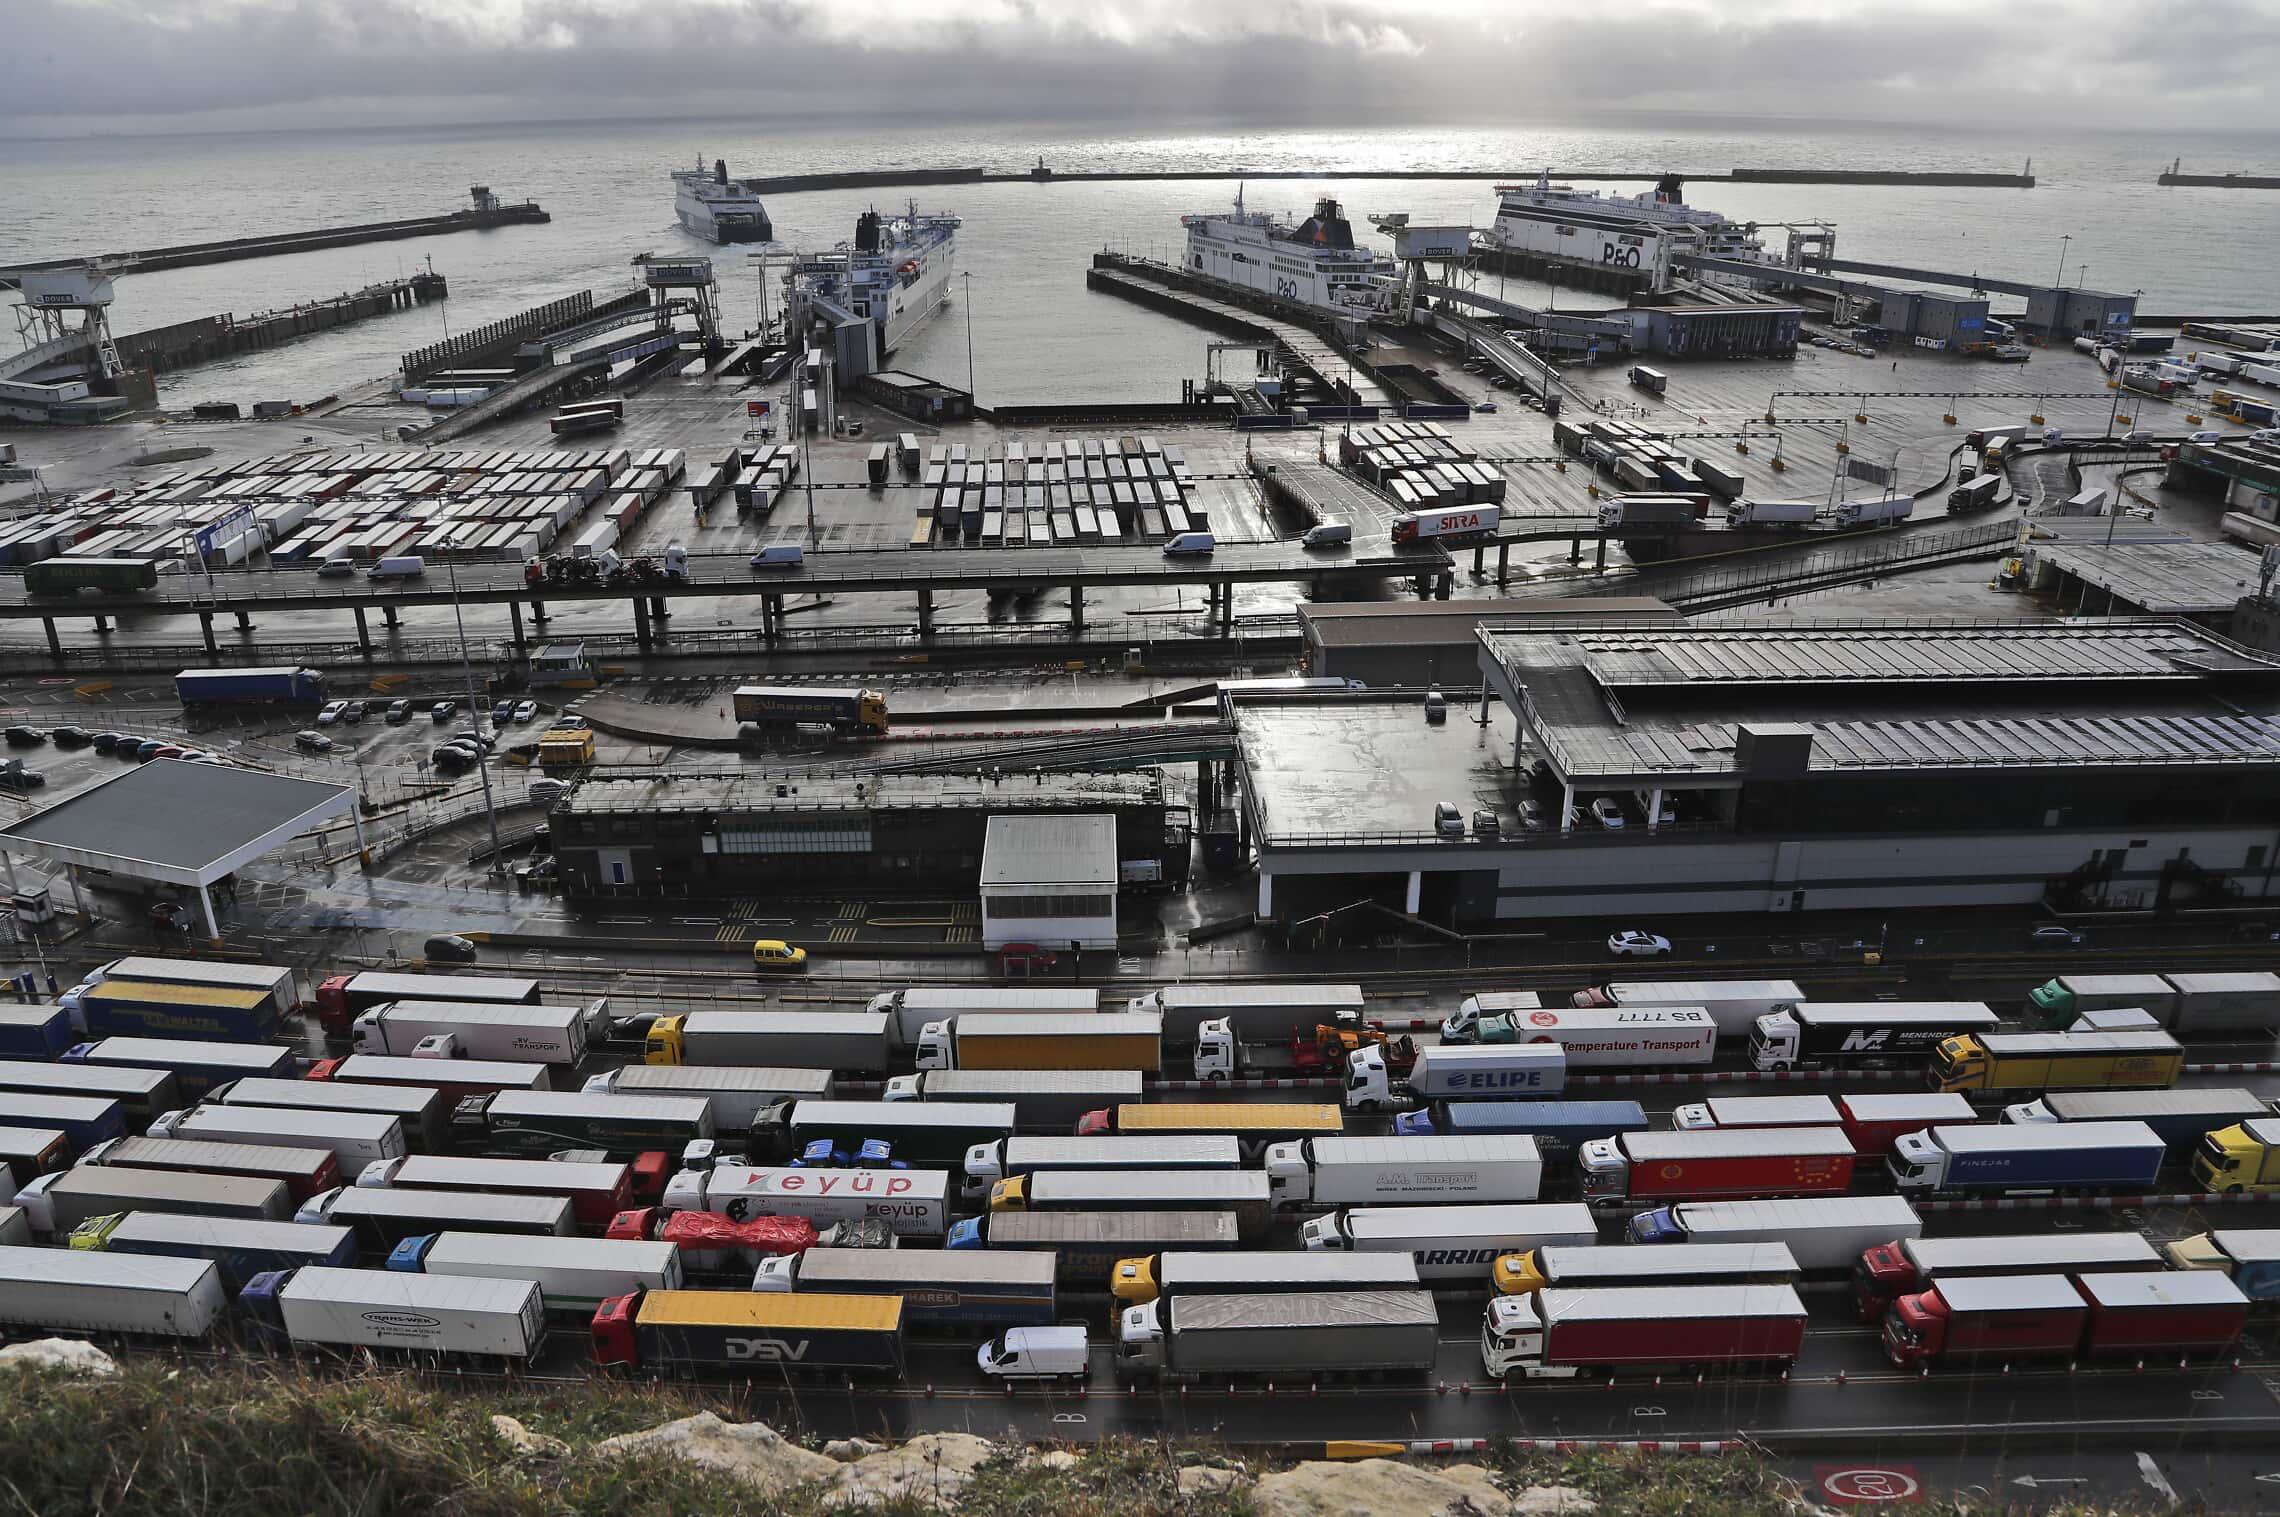 משאיות עומדות בתור בנמל דובר, ב-11 בדצמבר 2020 (צילום: AP Photo/Frank Augstein)